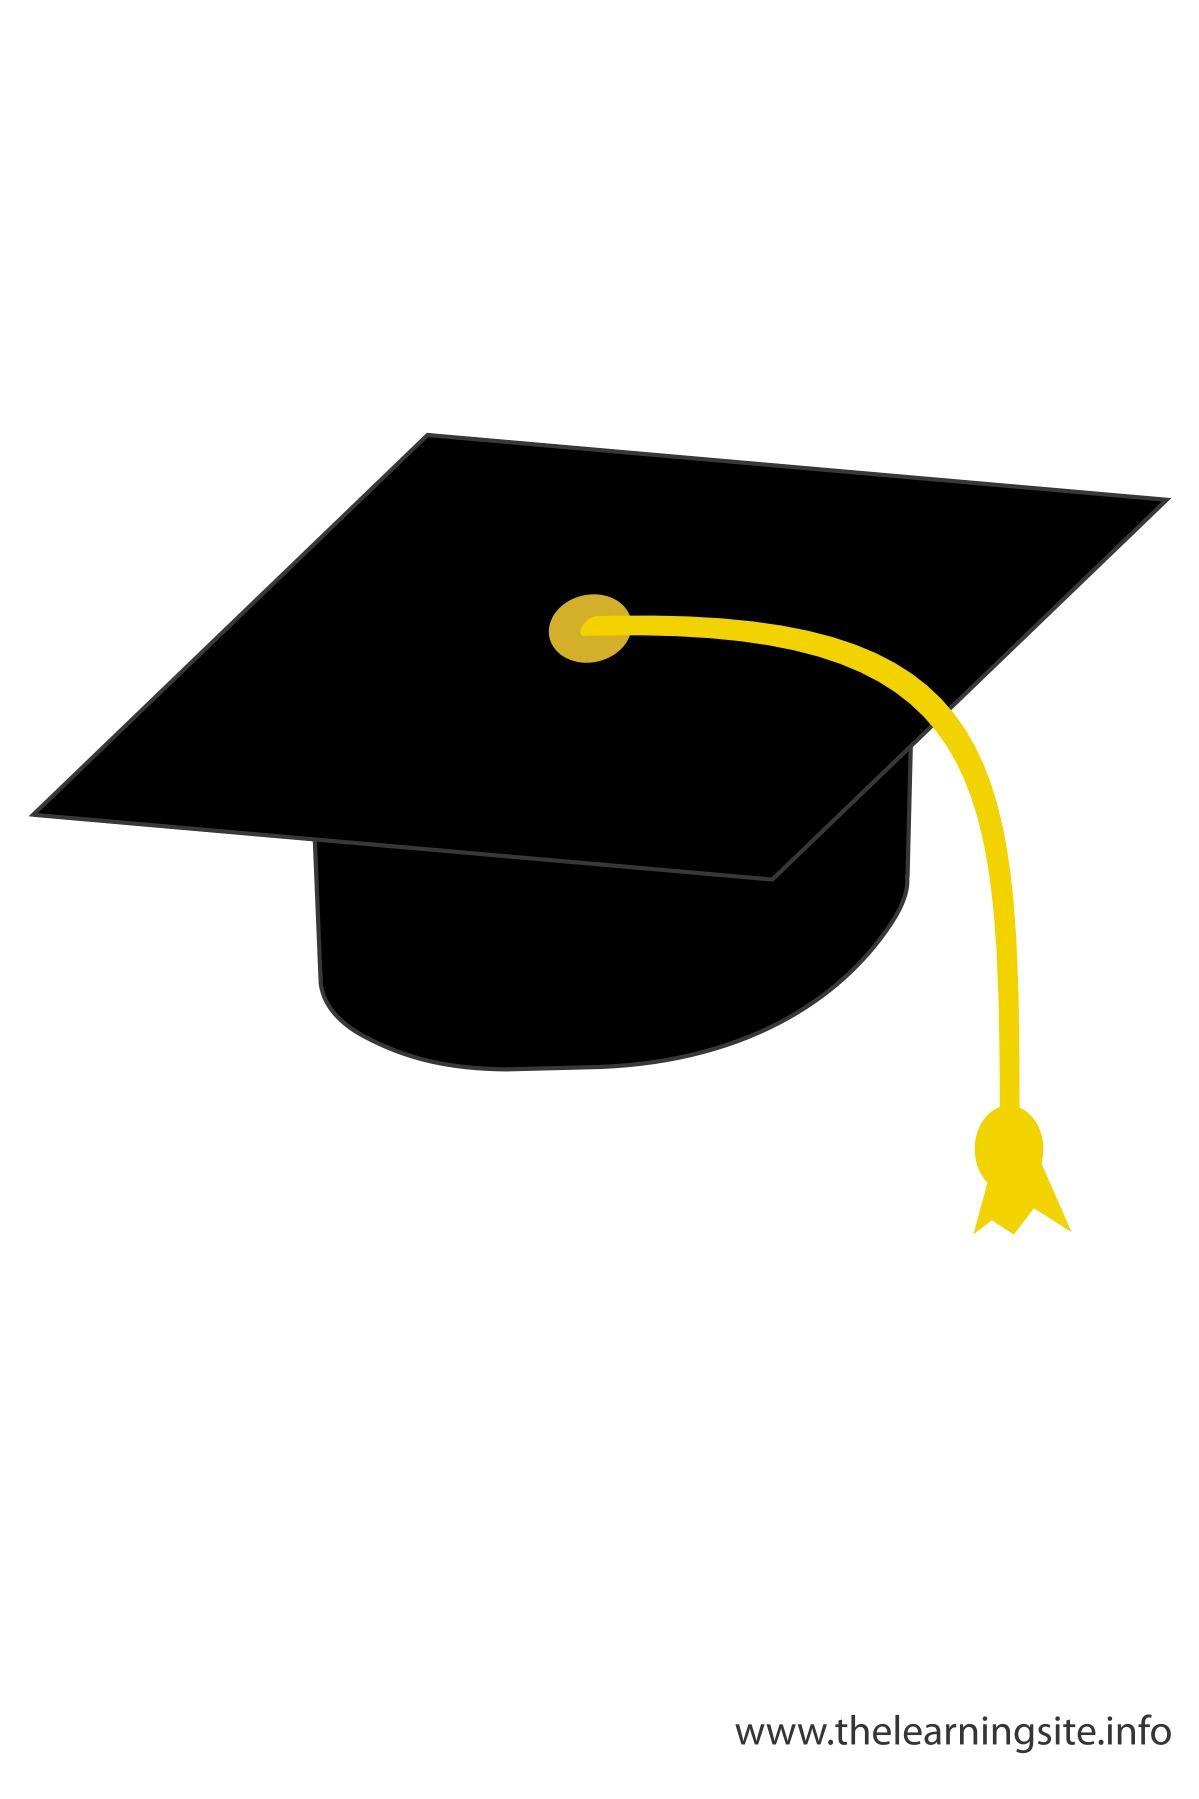 Graduation cap graduation class of 6 clipart clipart kid ...